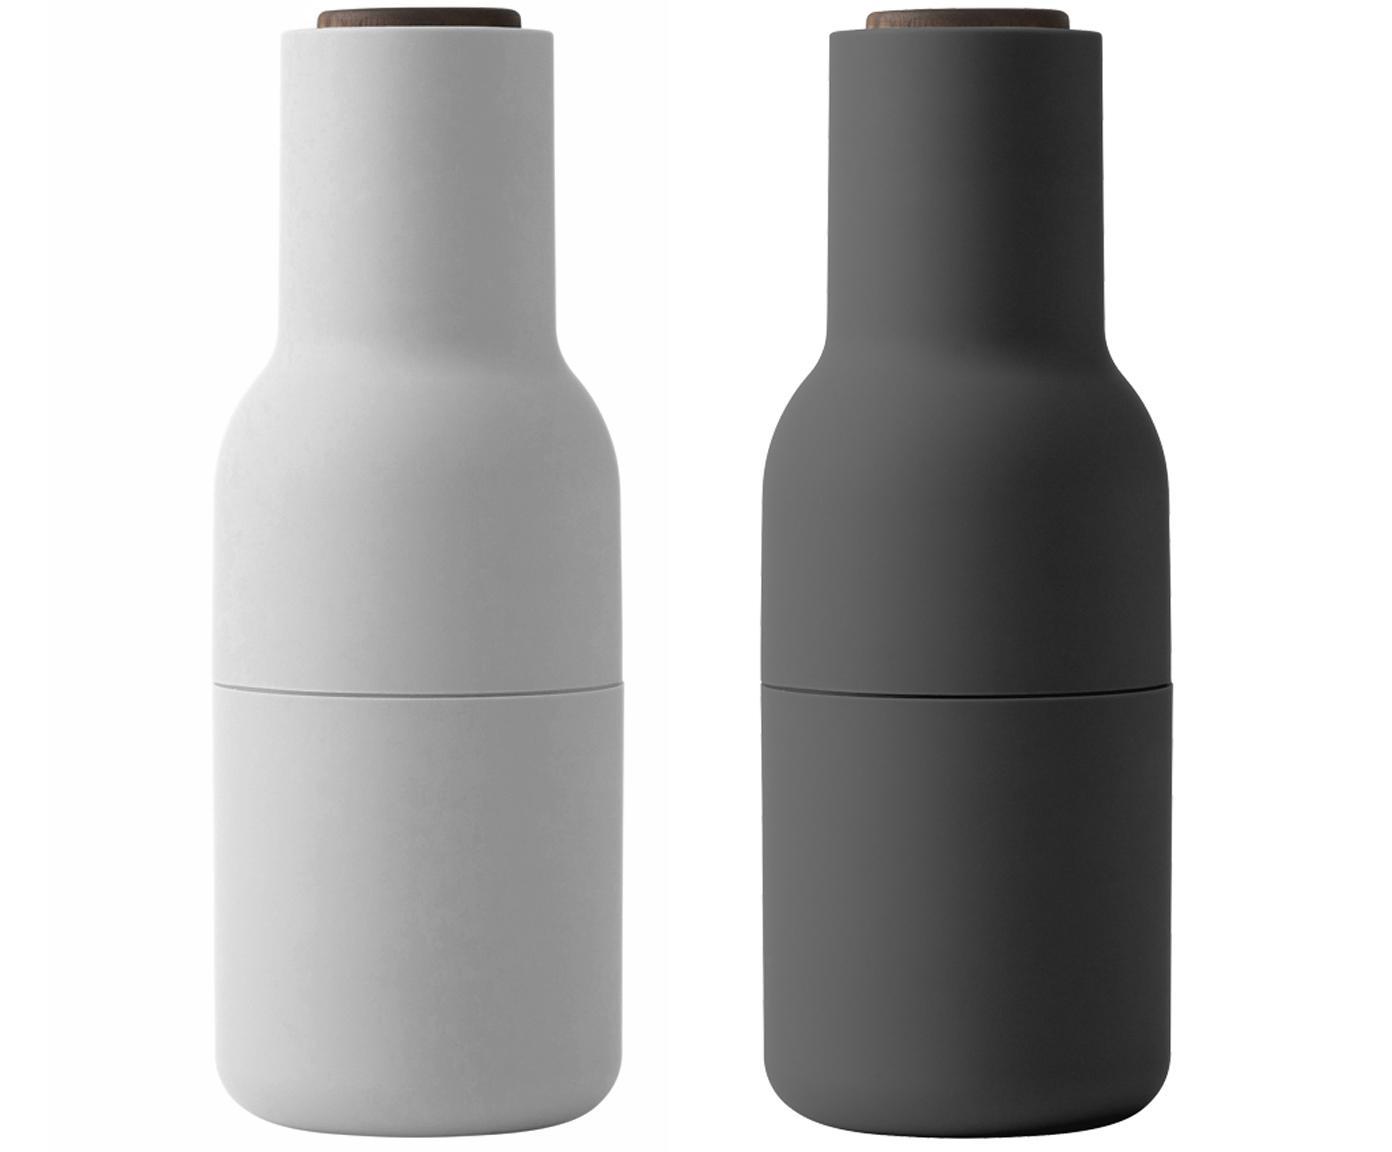 Molinillos de diseño Bottle Grinder, 2pzas., Estructura: plástico, Grinder: cerámica, Gris antracita, blanco, Ø 8 x Al 21 cm